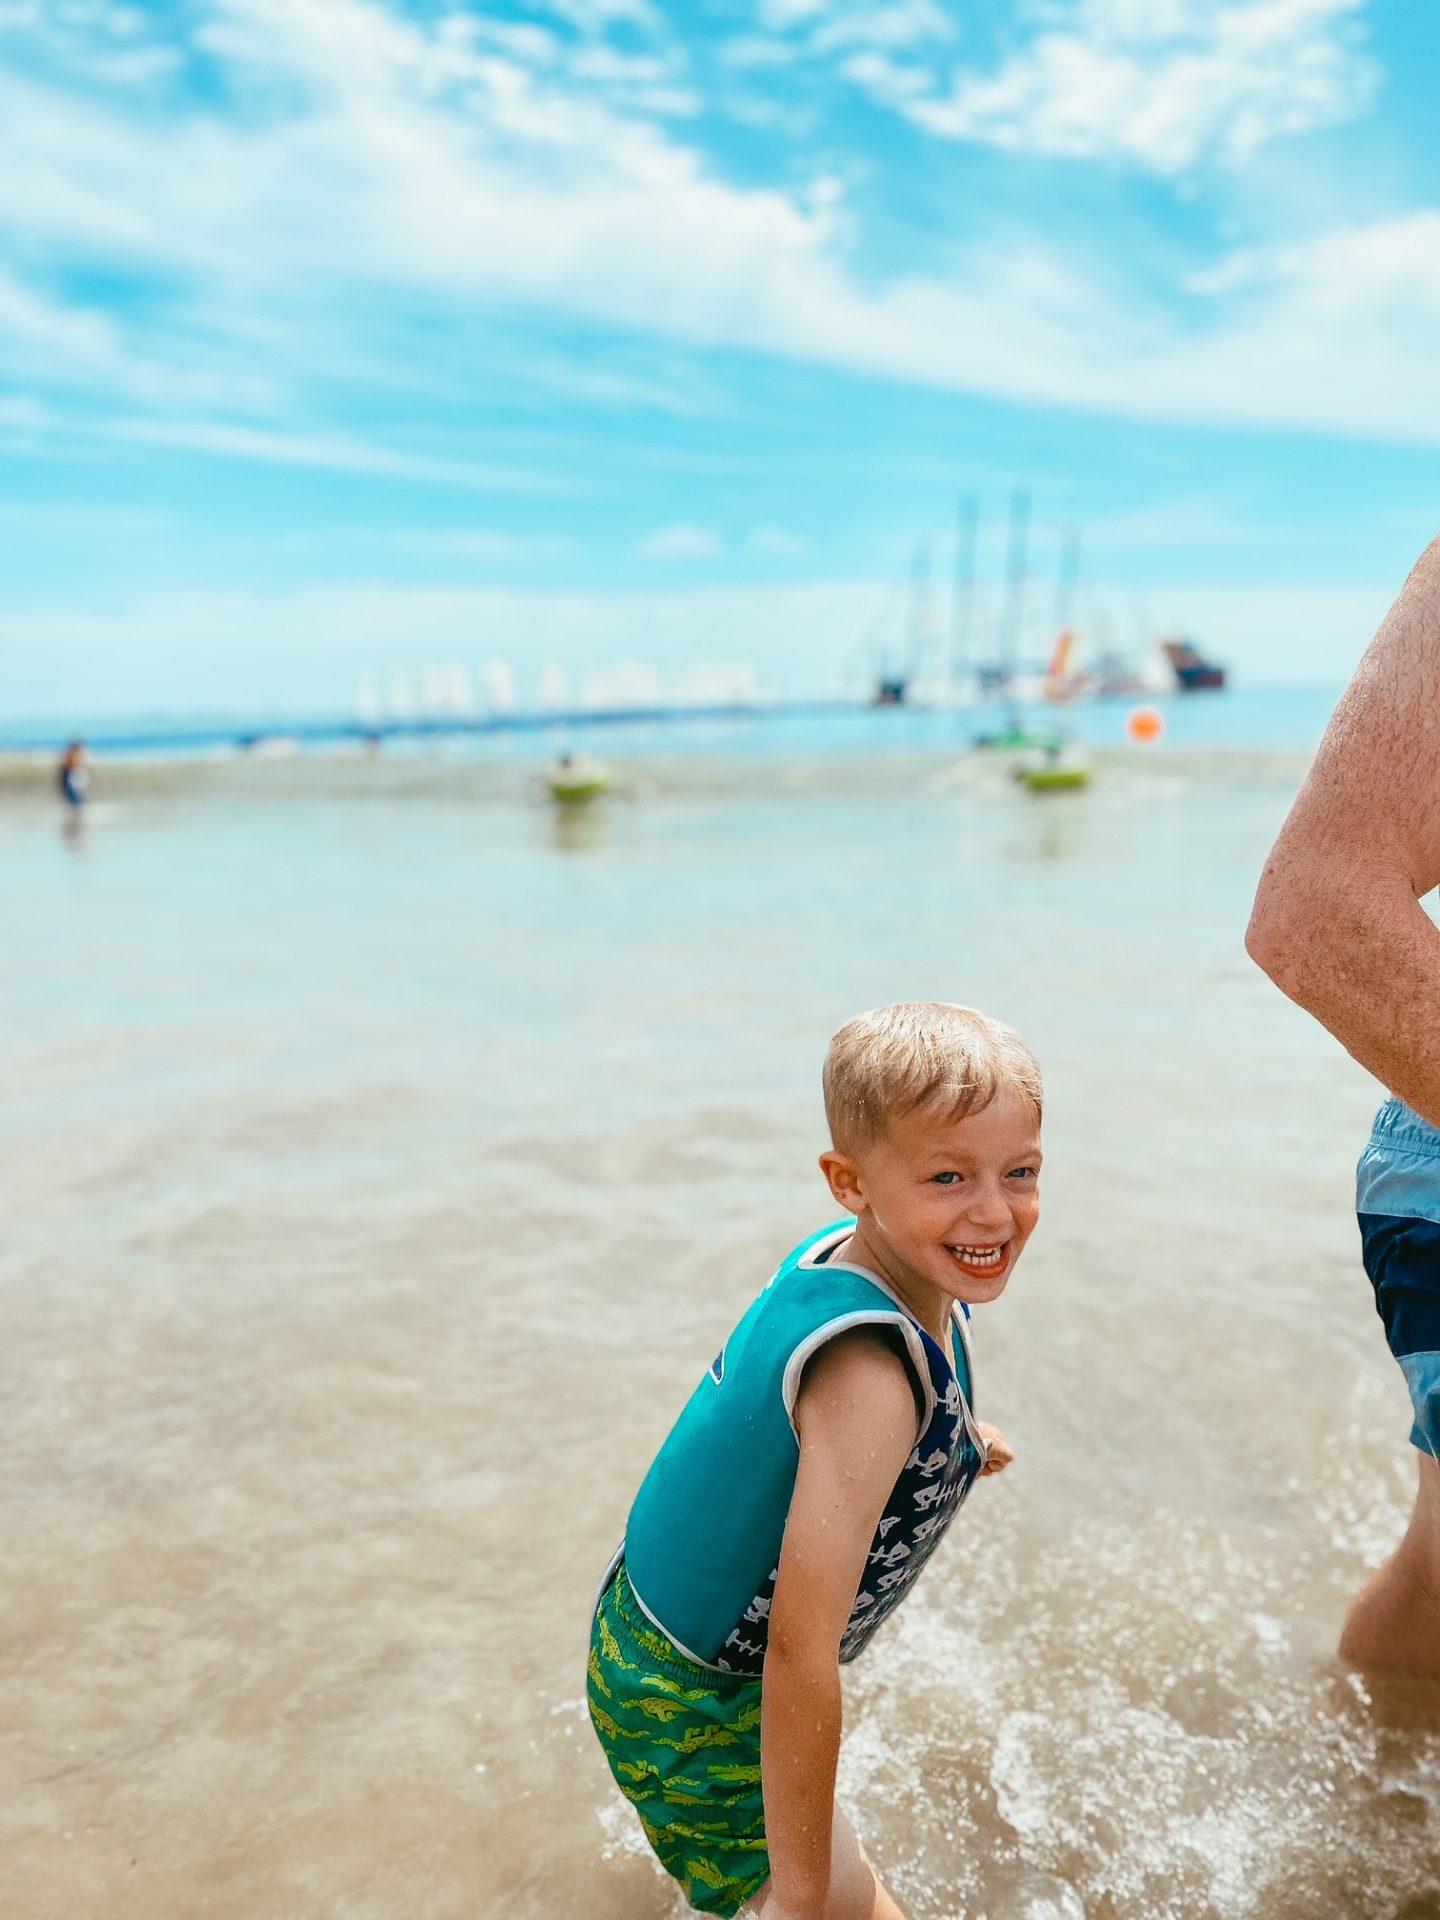 daechon beach activities